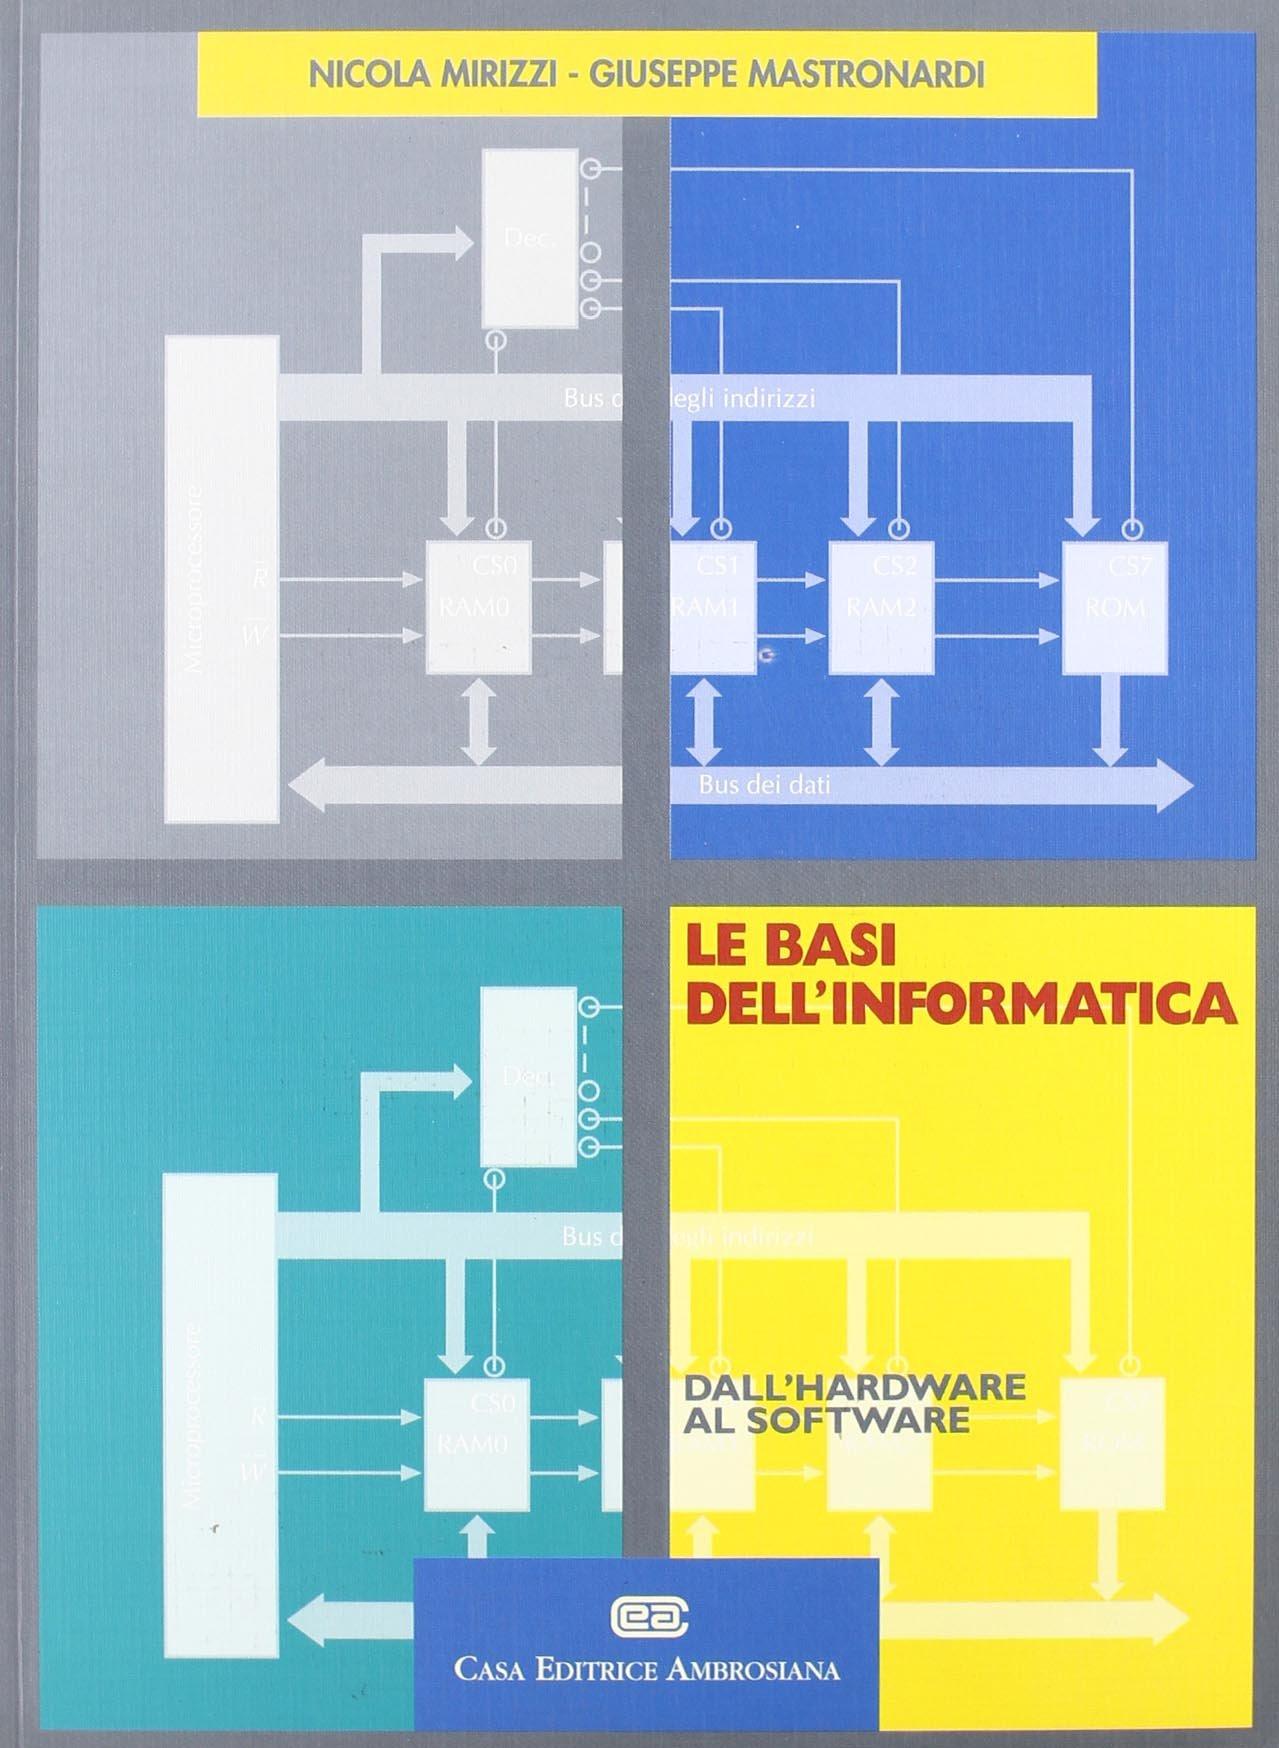 Le basi dell'informatica. Dall'hardware al software Copertina flessibile – 31 gen 1997 Nicola Mirizzi Giuseppe Mastronardi CEA 8808080773